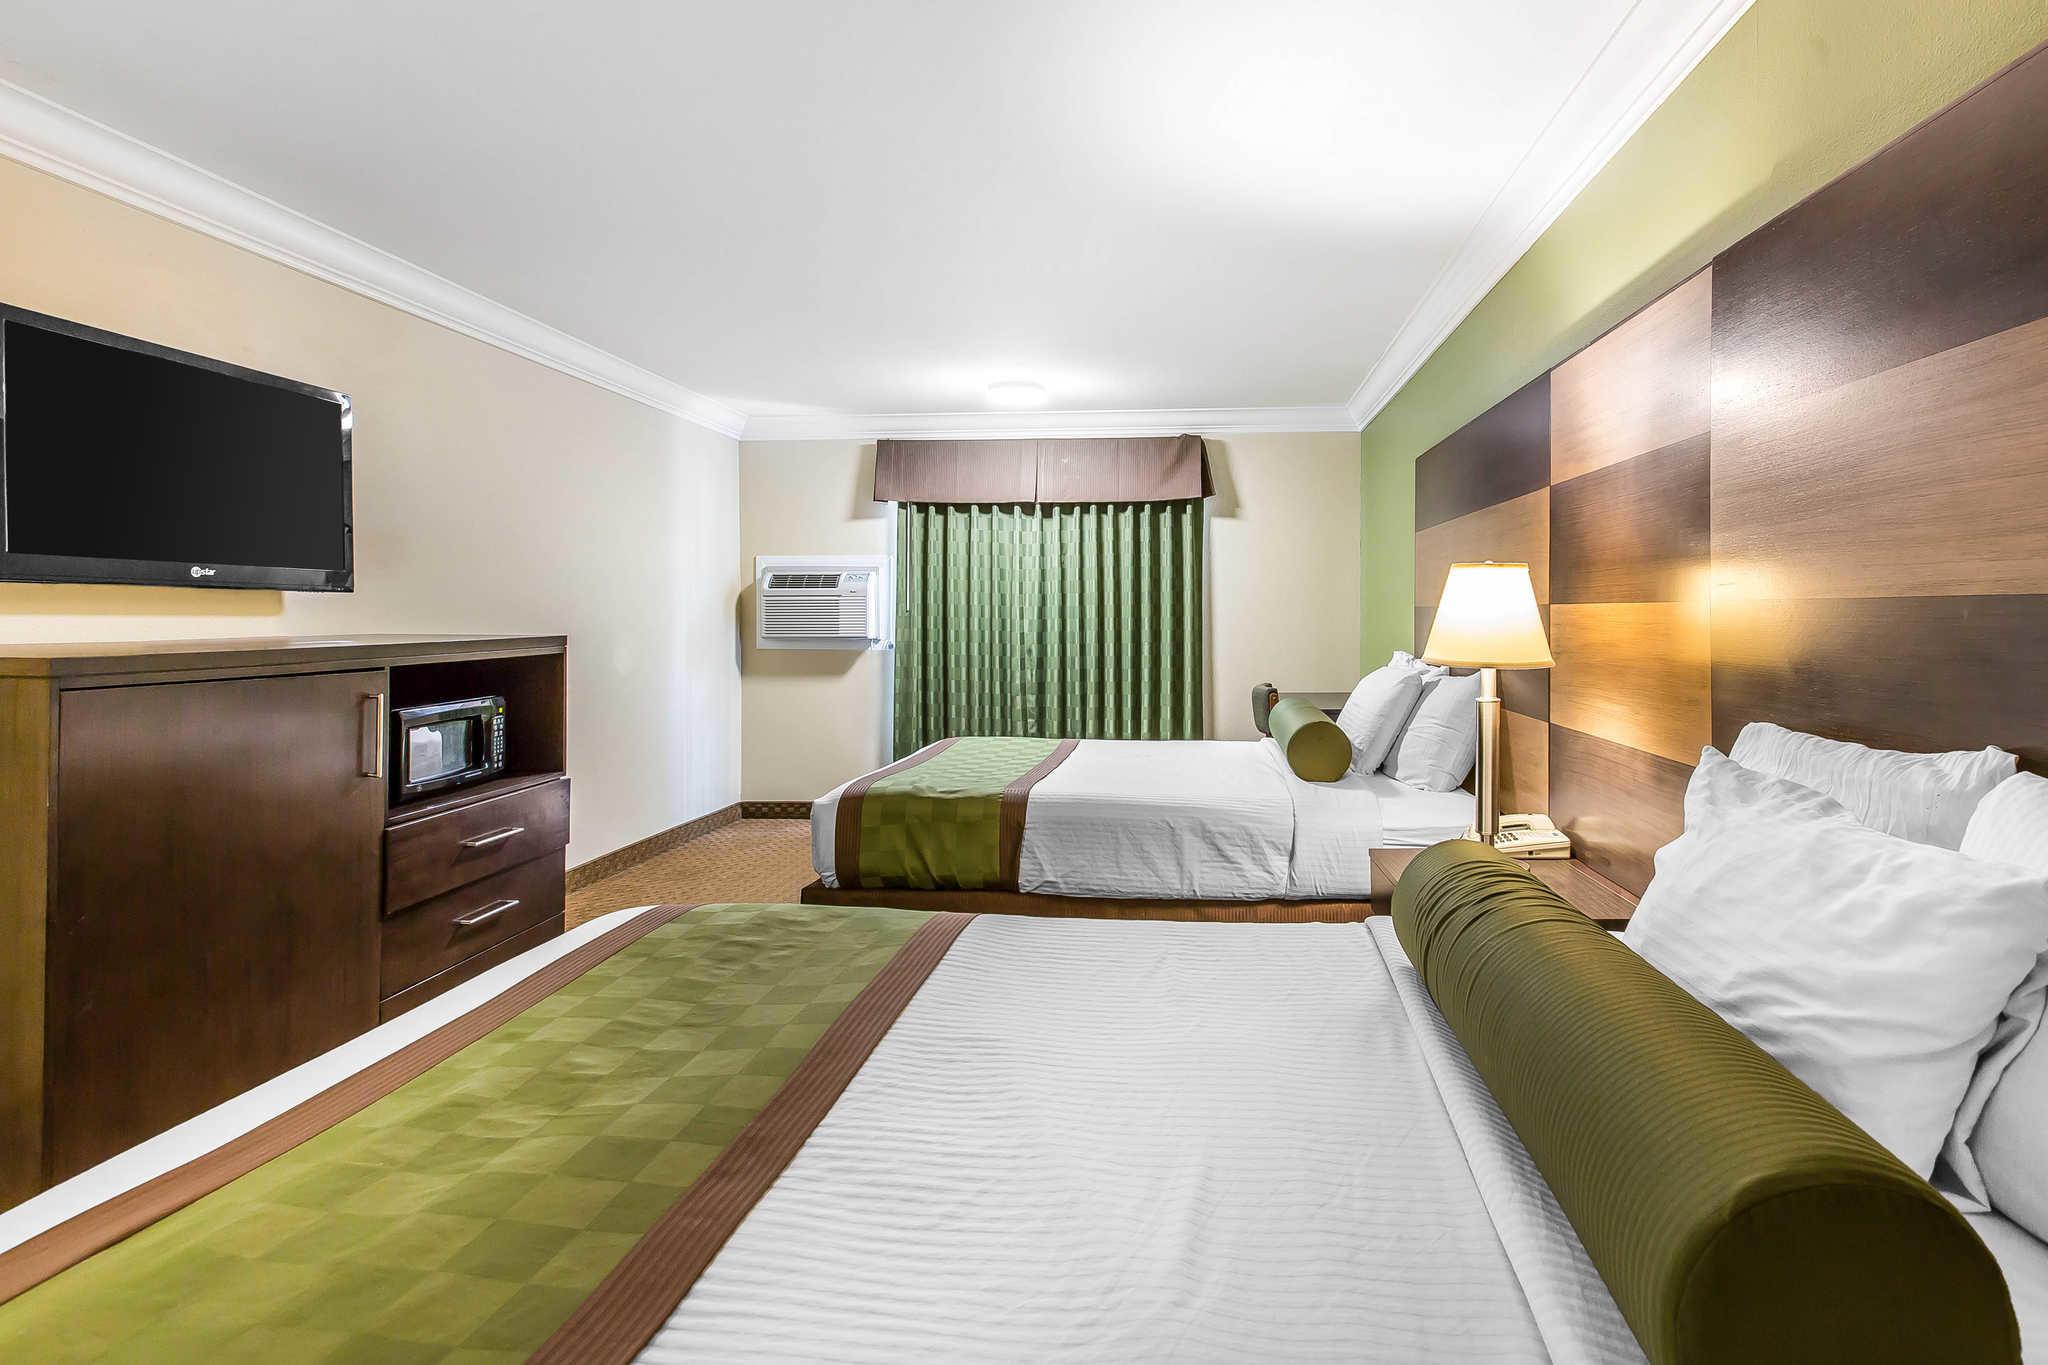 Rodeway Inn & Suites image 13